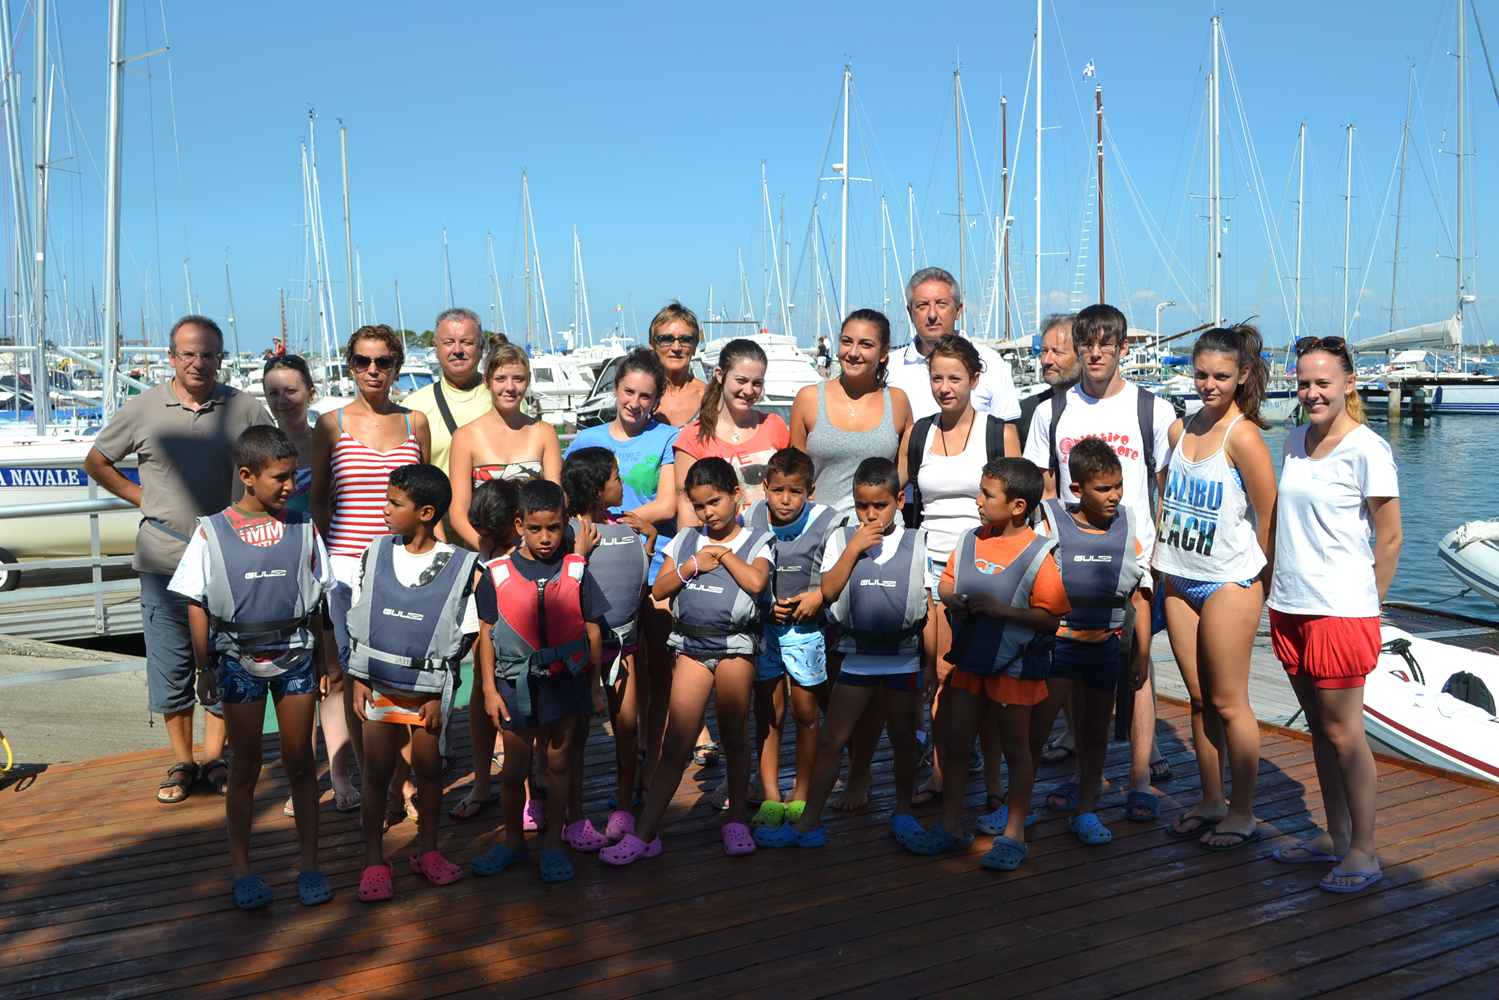 Agosto dello scorso anno. I bambini ospiti della Lega Navale di Grado